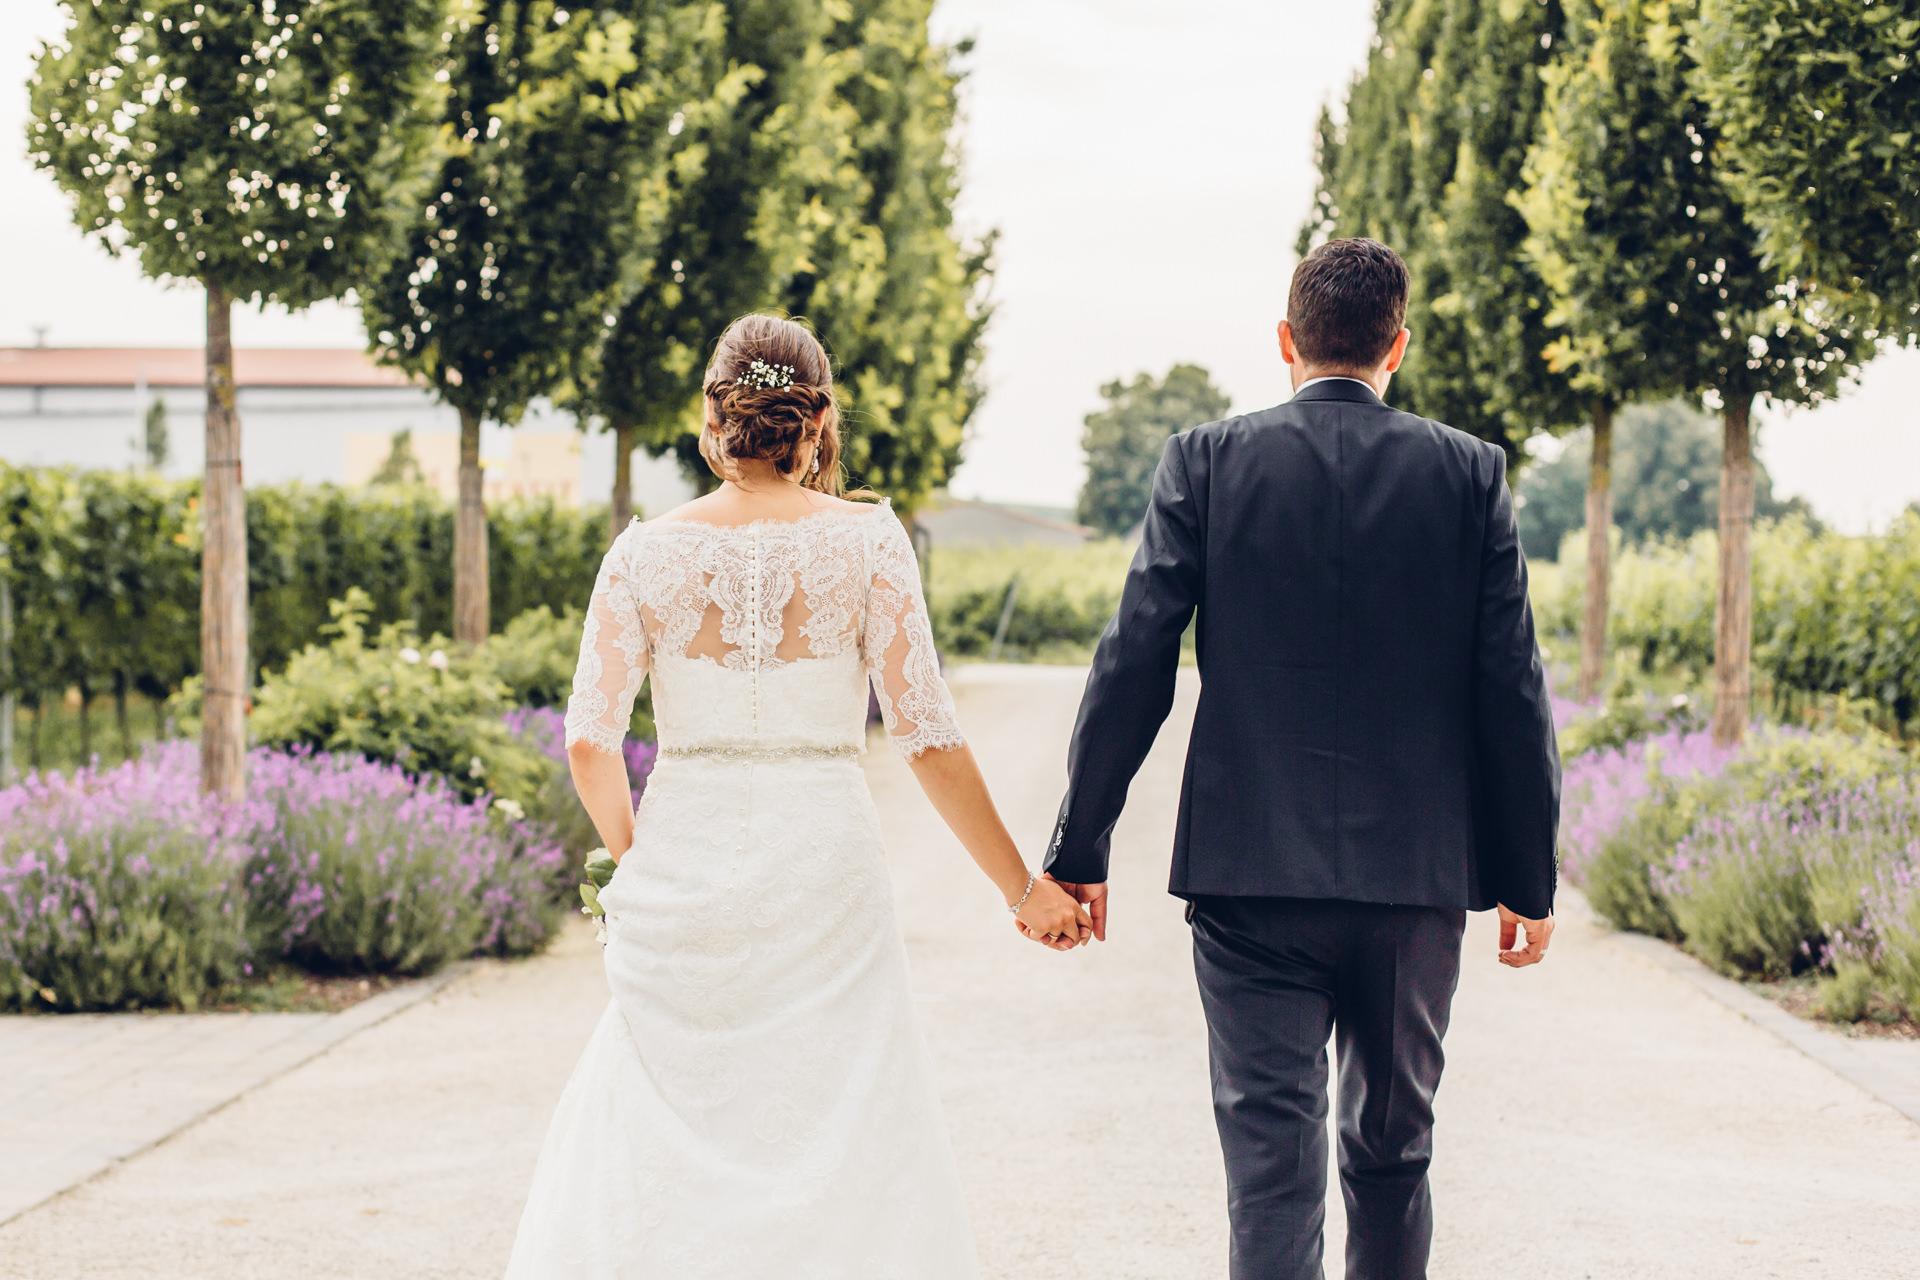 Hochzeit feiern in Weinbergen in der Pfalz